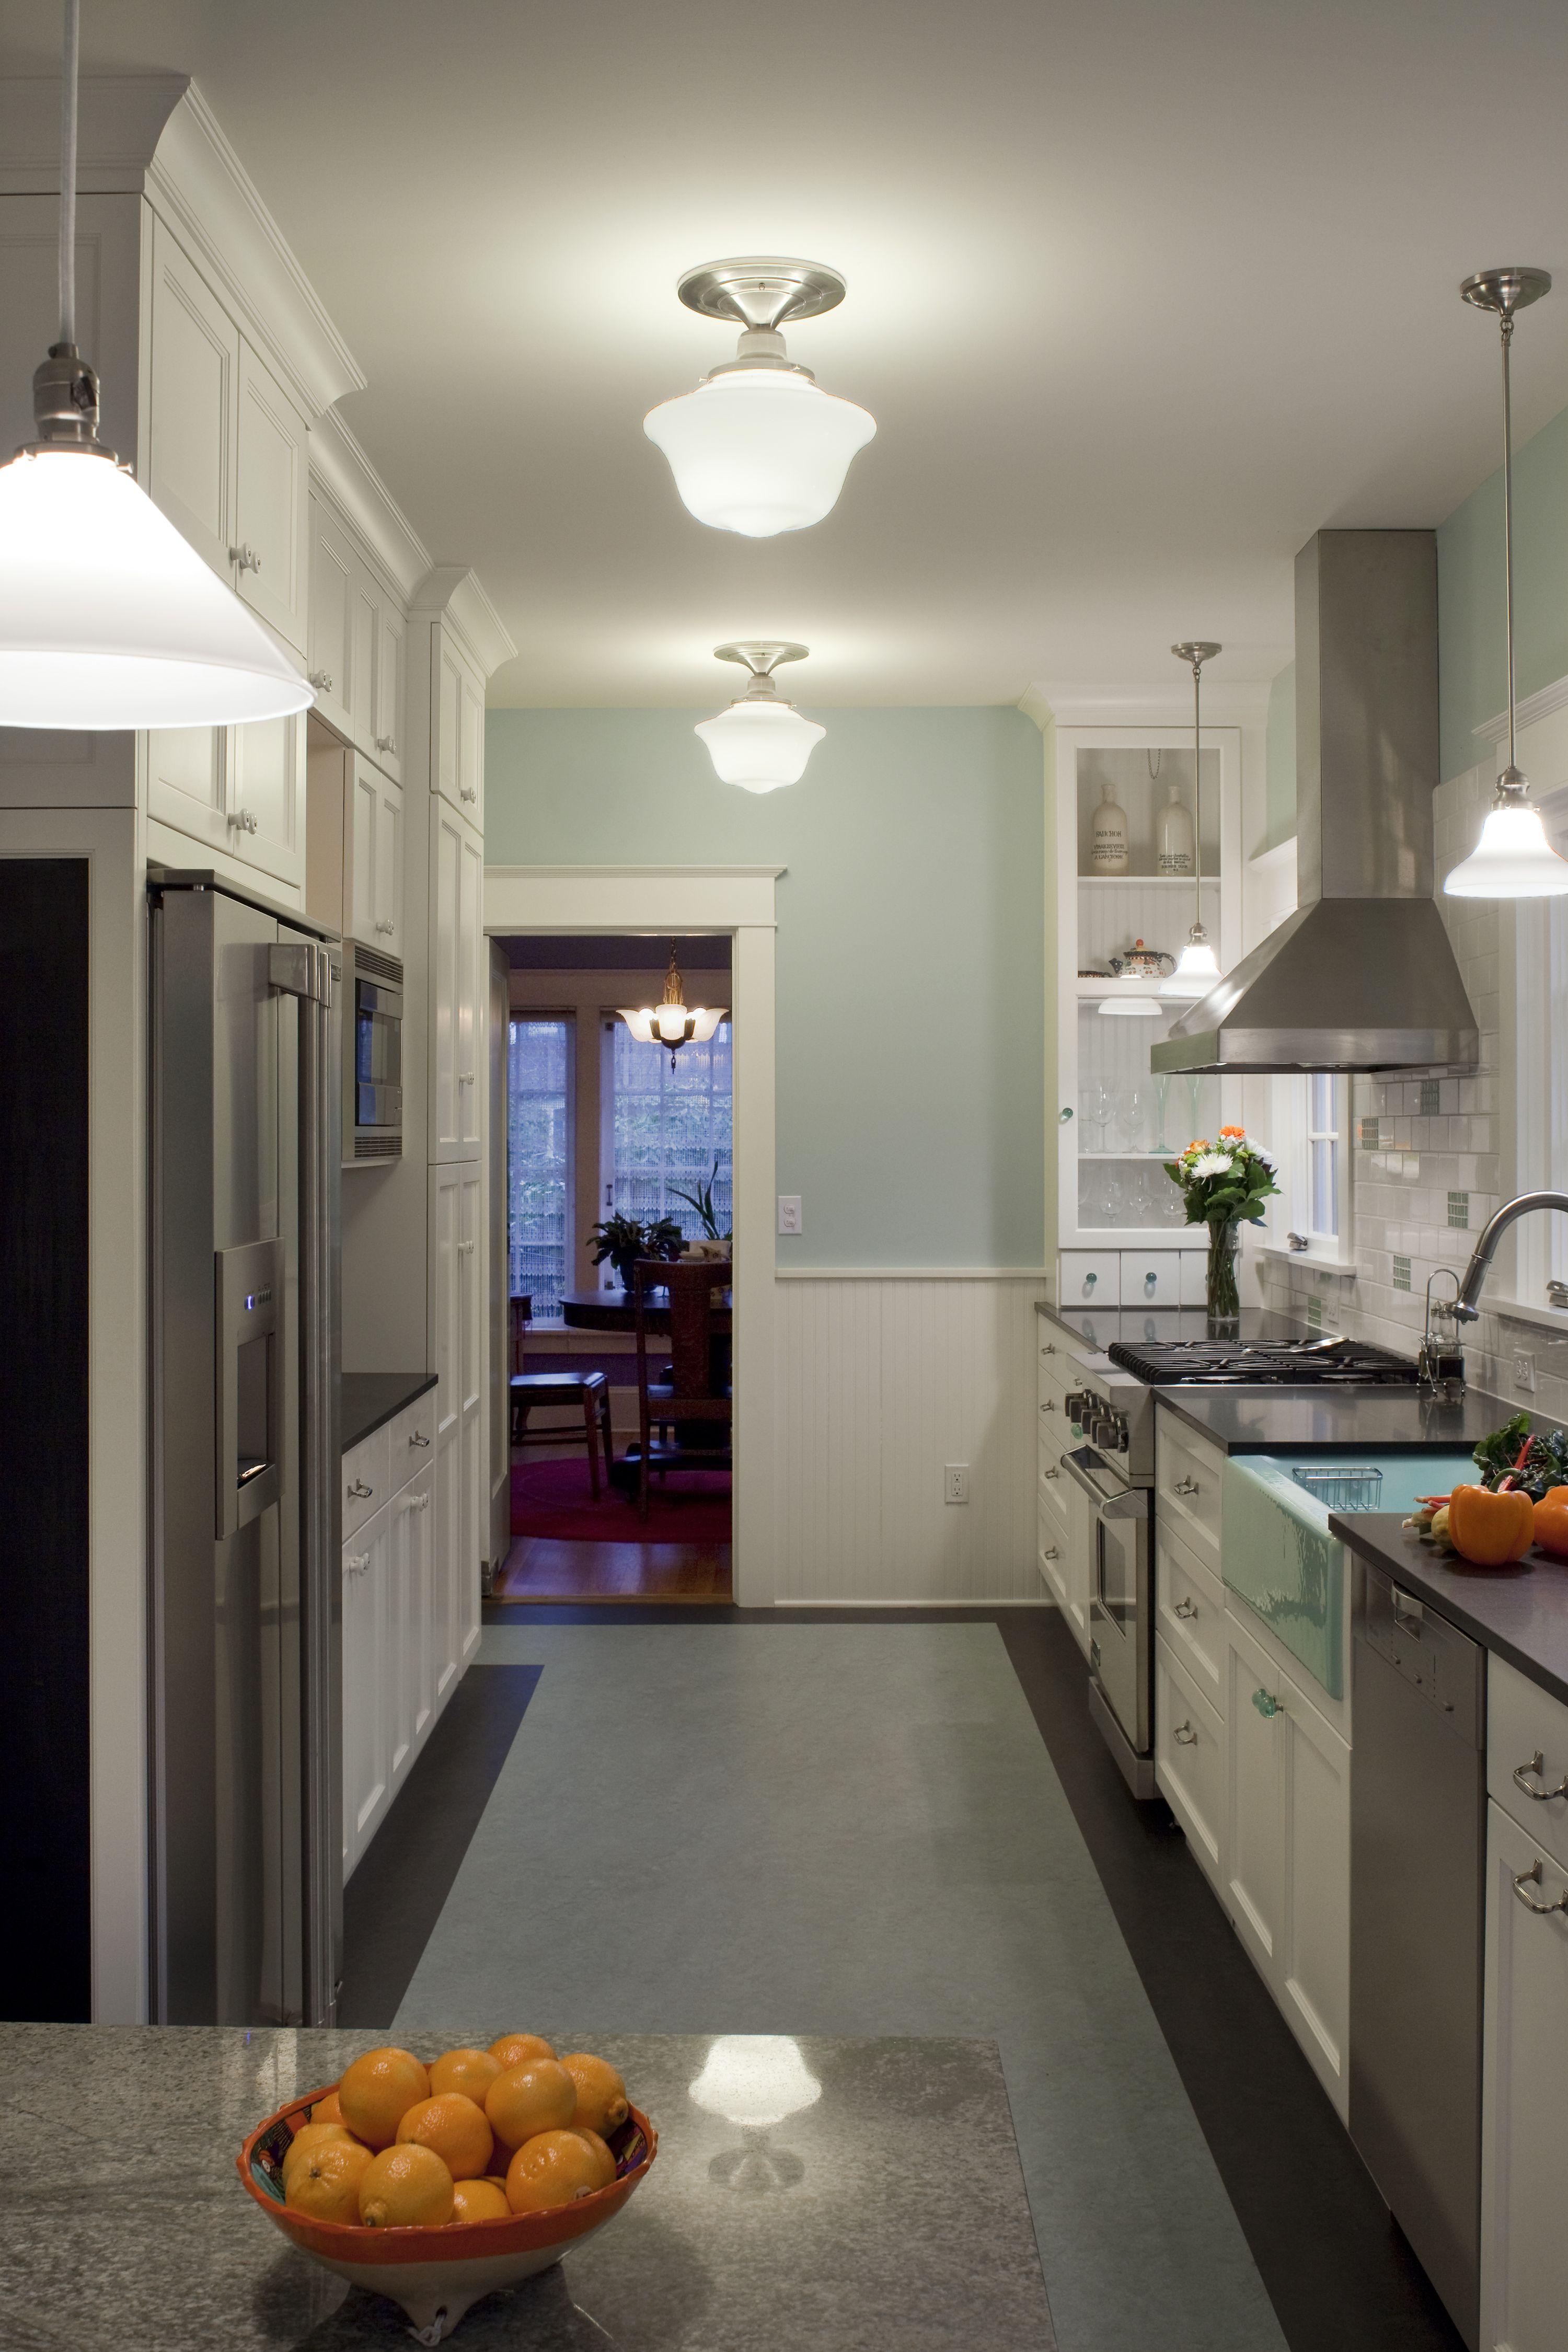 Kitchen remodel - School house lights, glass door cabinet ...